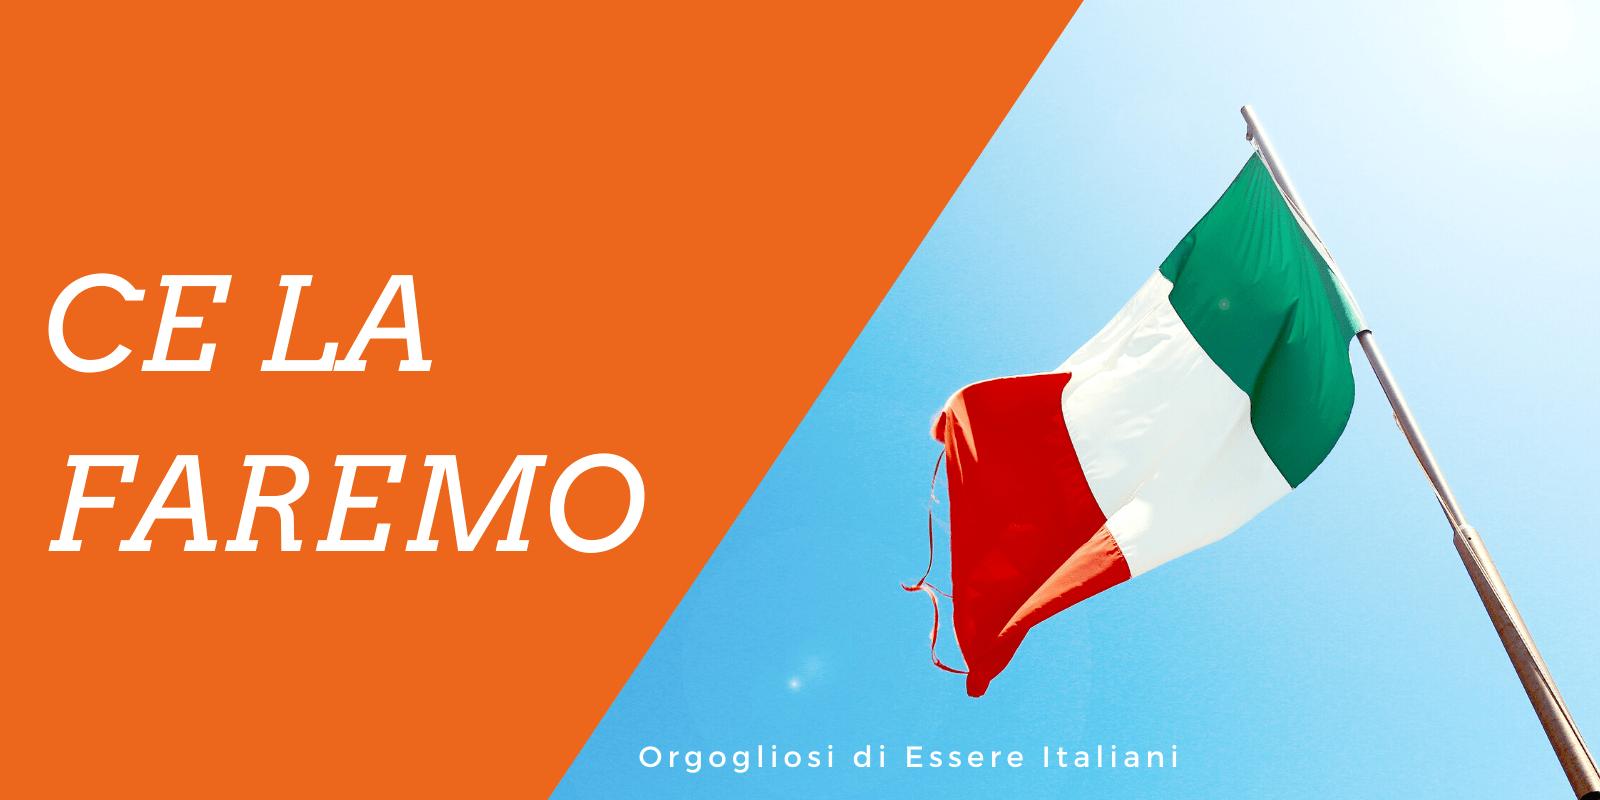 Insieme Ce La Faremo, Perché Siamo Orgogliosi Di Essere Italiani